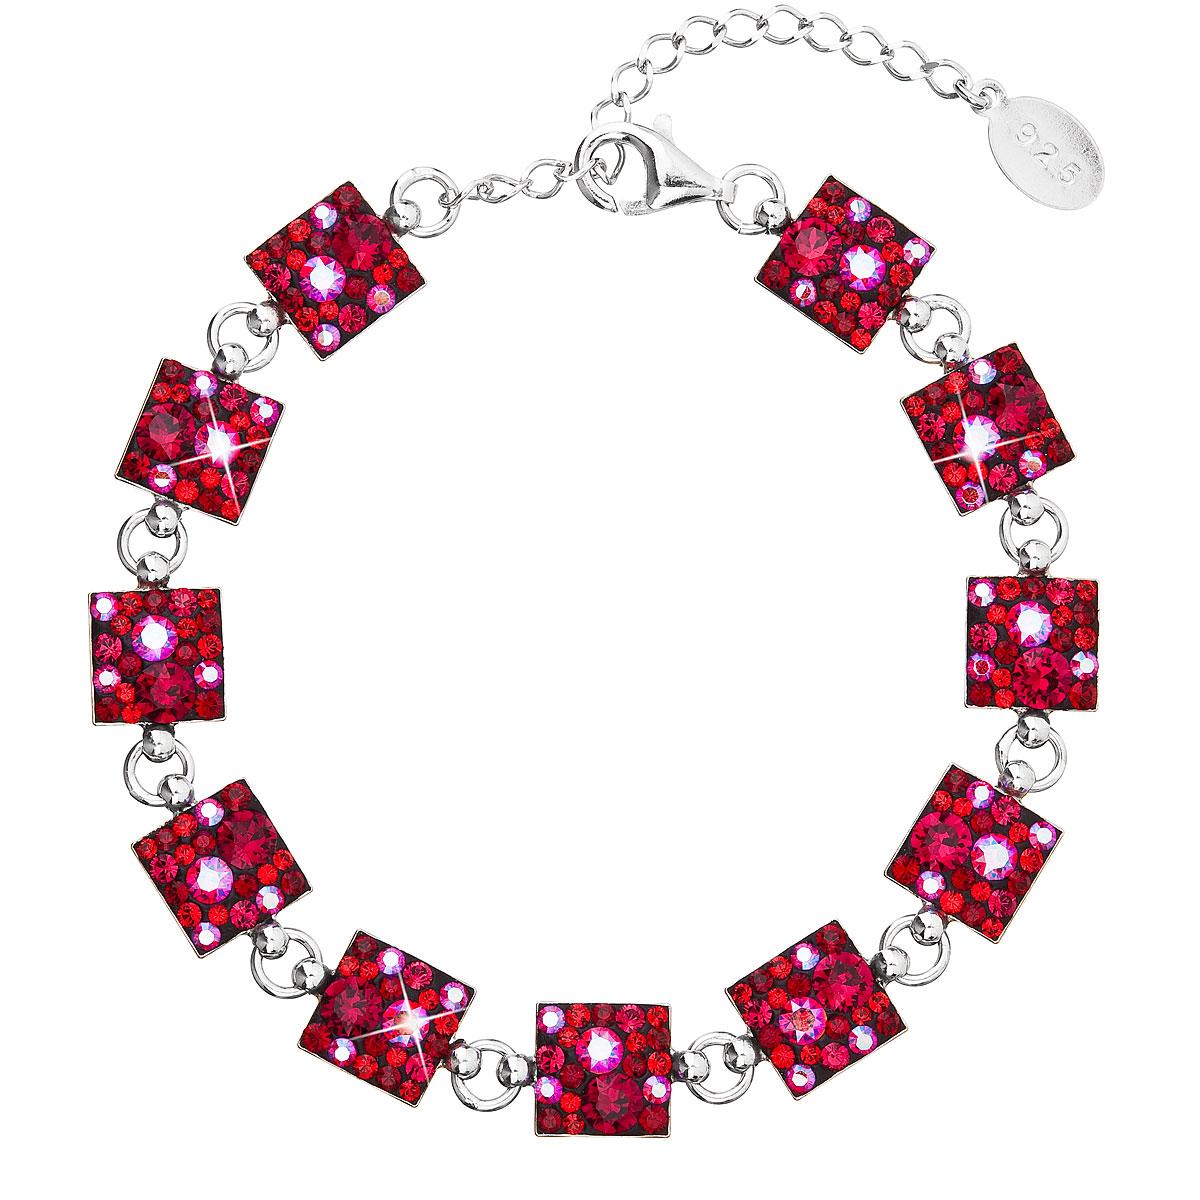 Evolution Group Stříbrný náramek se Swarovski krystaly červený 33047.3 cherry